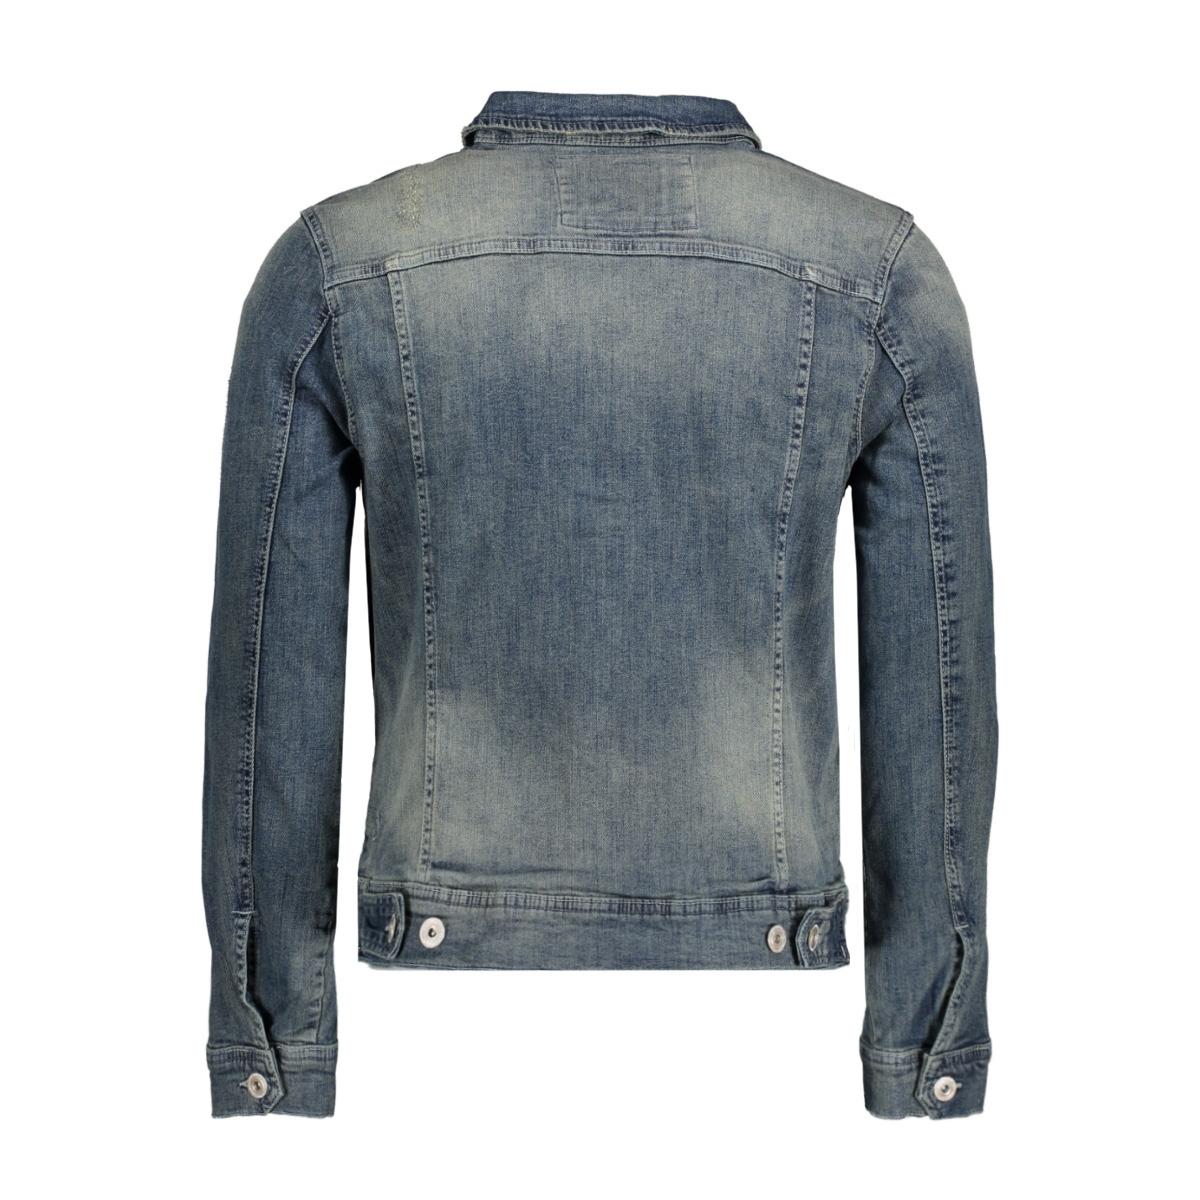 3555094.00.12 tom tailor jas 1073